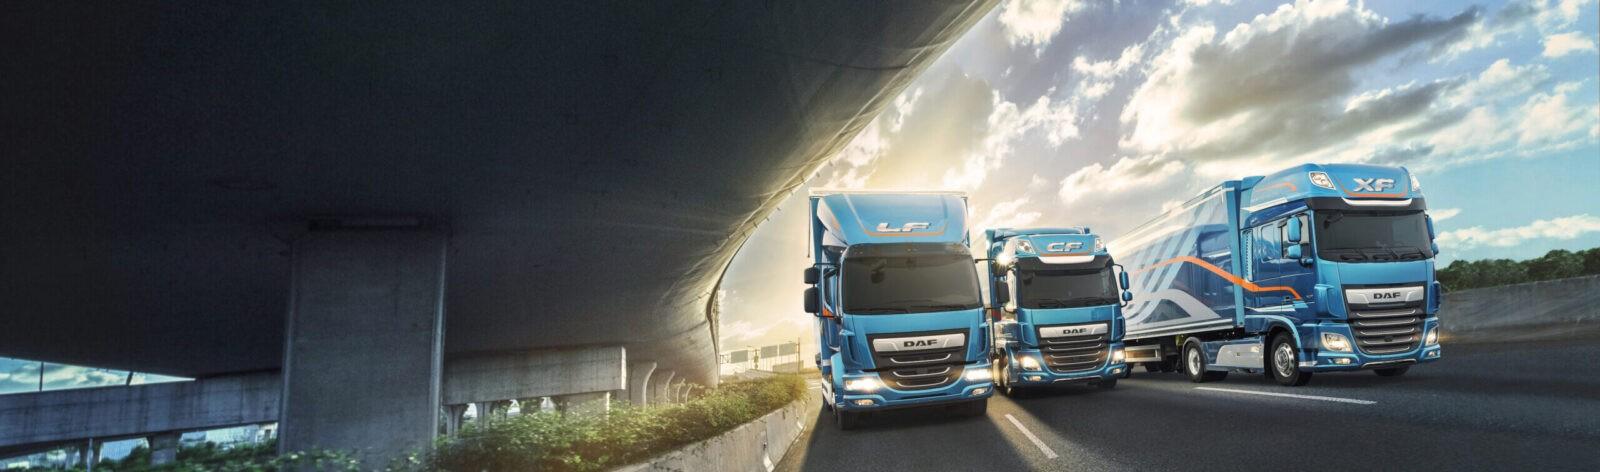 Gamma modelli DAF. Officina autorizzata DAF Truck Florence